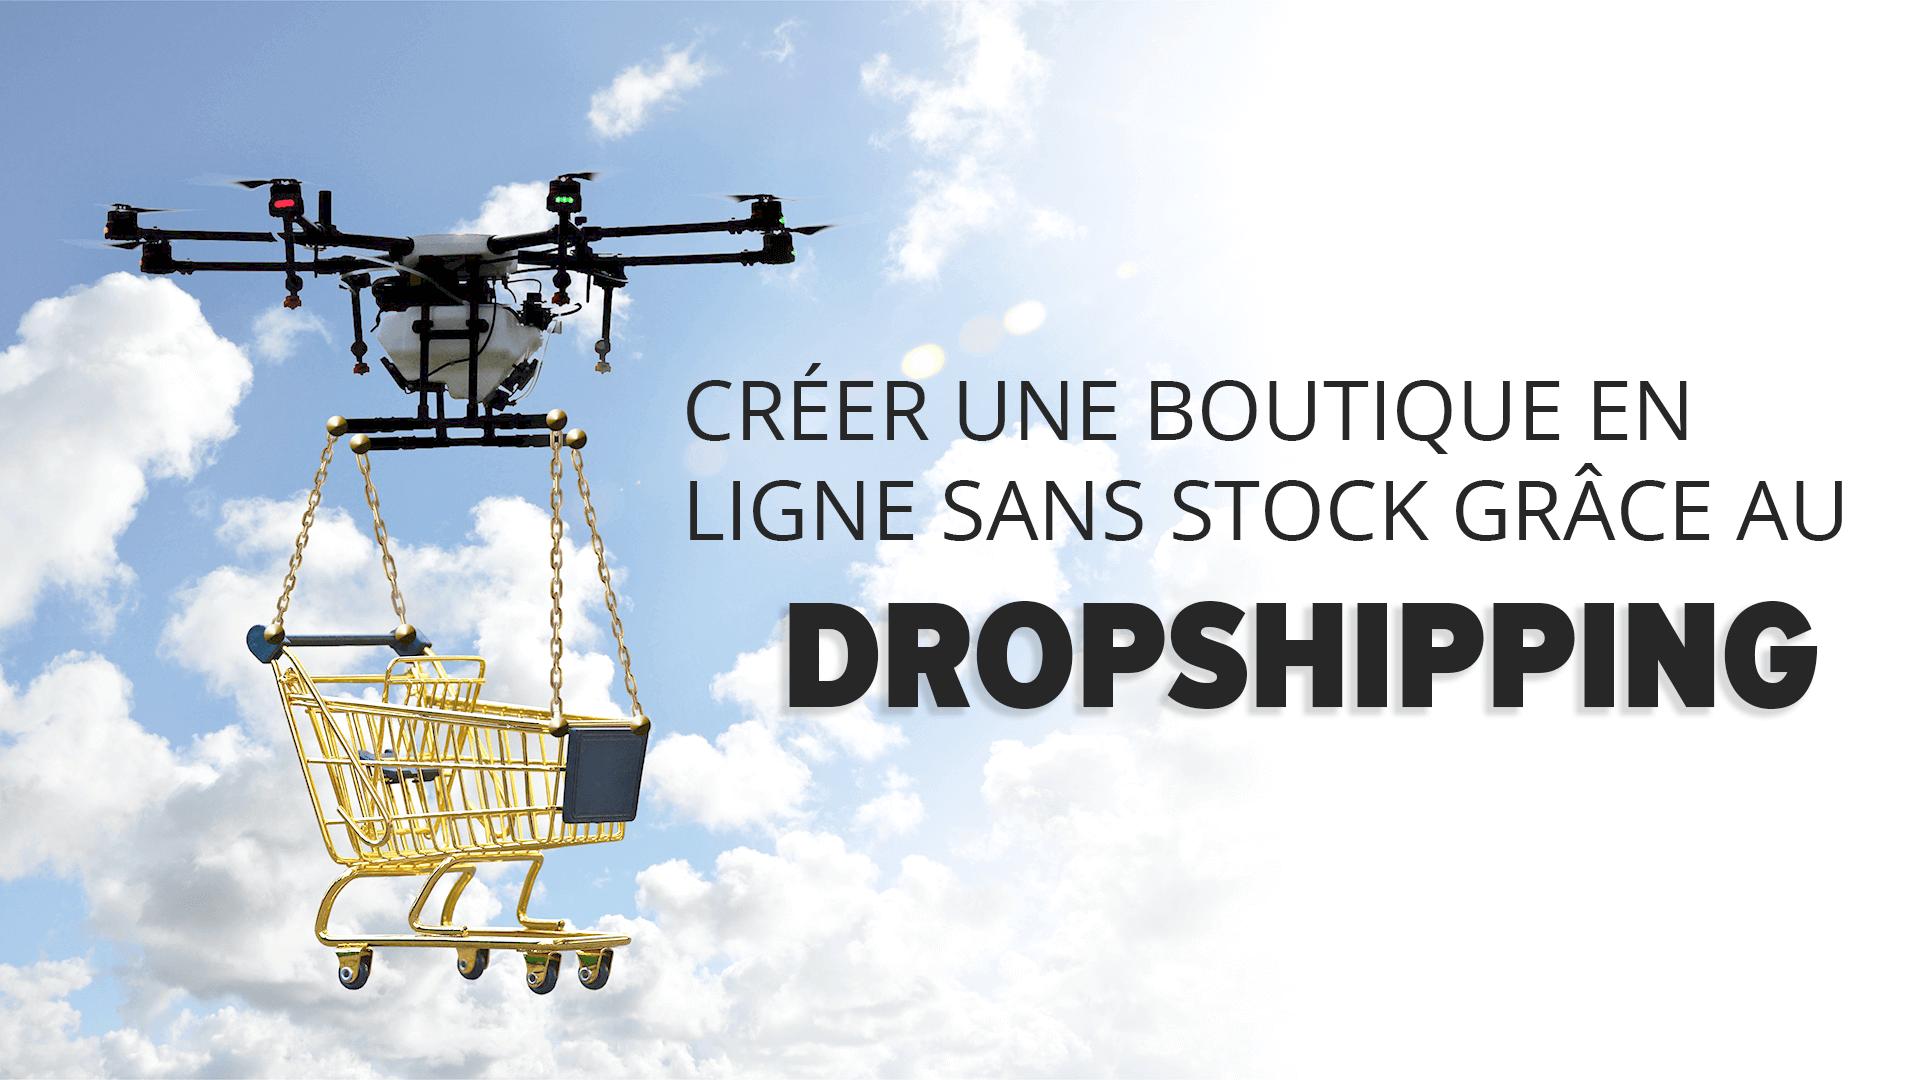 Créer une boutique en ligne sans stock grâce au Dropshipping